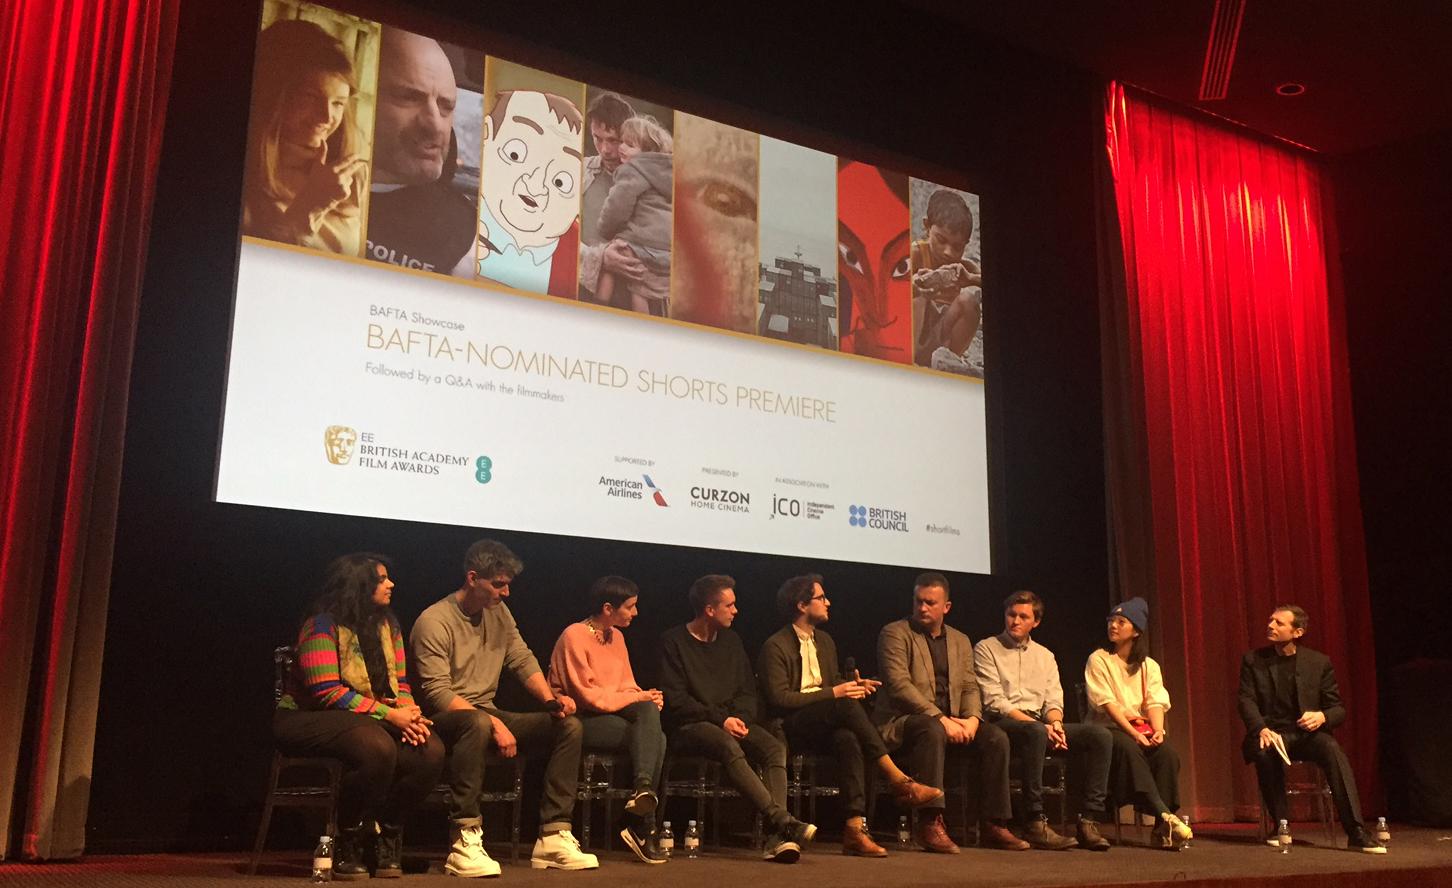 The BAFTA Shorts 2017 nominees at the premiere on 26 January (L-R Anushka Kishani Naanayakkara, Daniel Mulloy, Andrea Harkin, Jack Hannon, Richard John Seymour, Samir Mehanovic, Jac Clinch, Jennifer Zheng and interviewer Danny Leigh